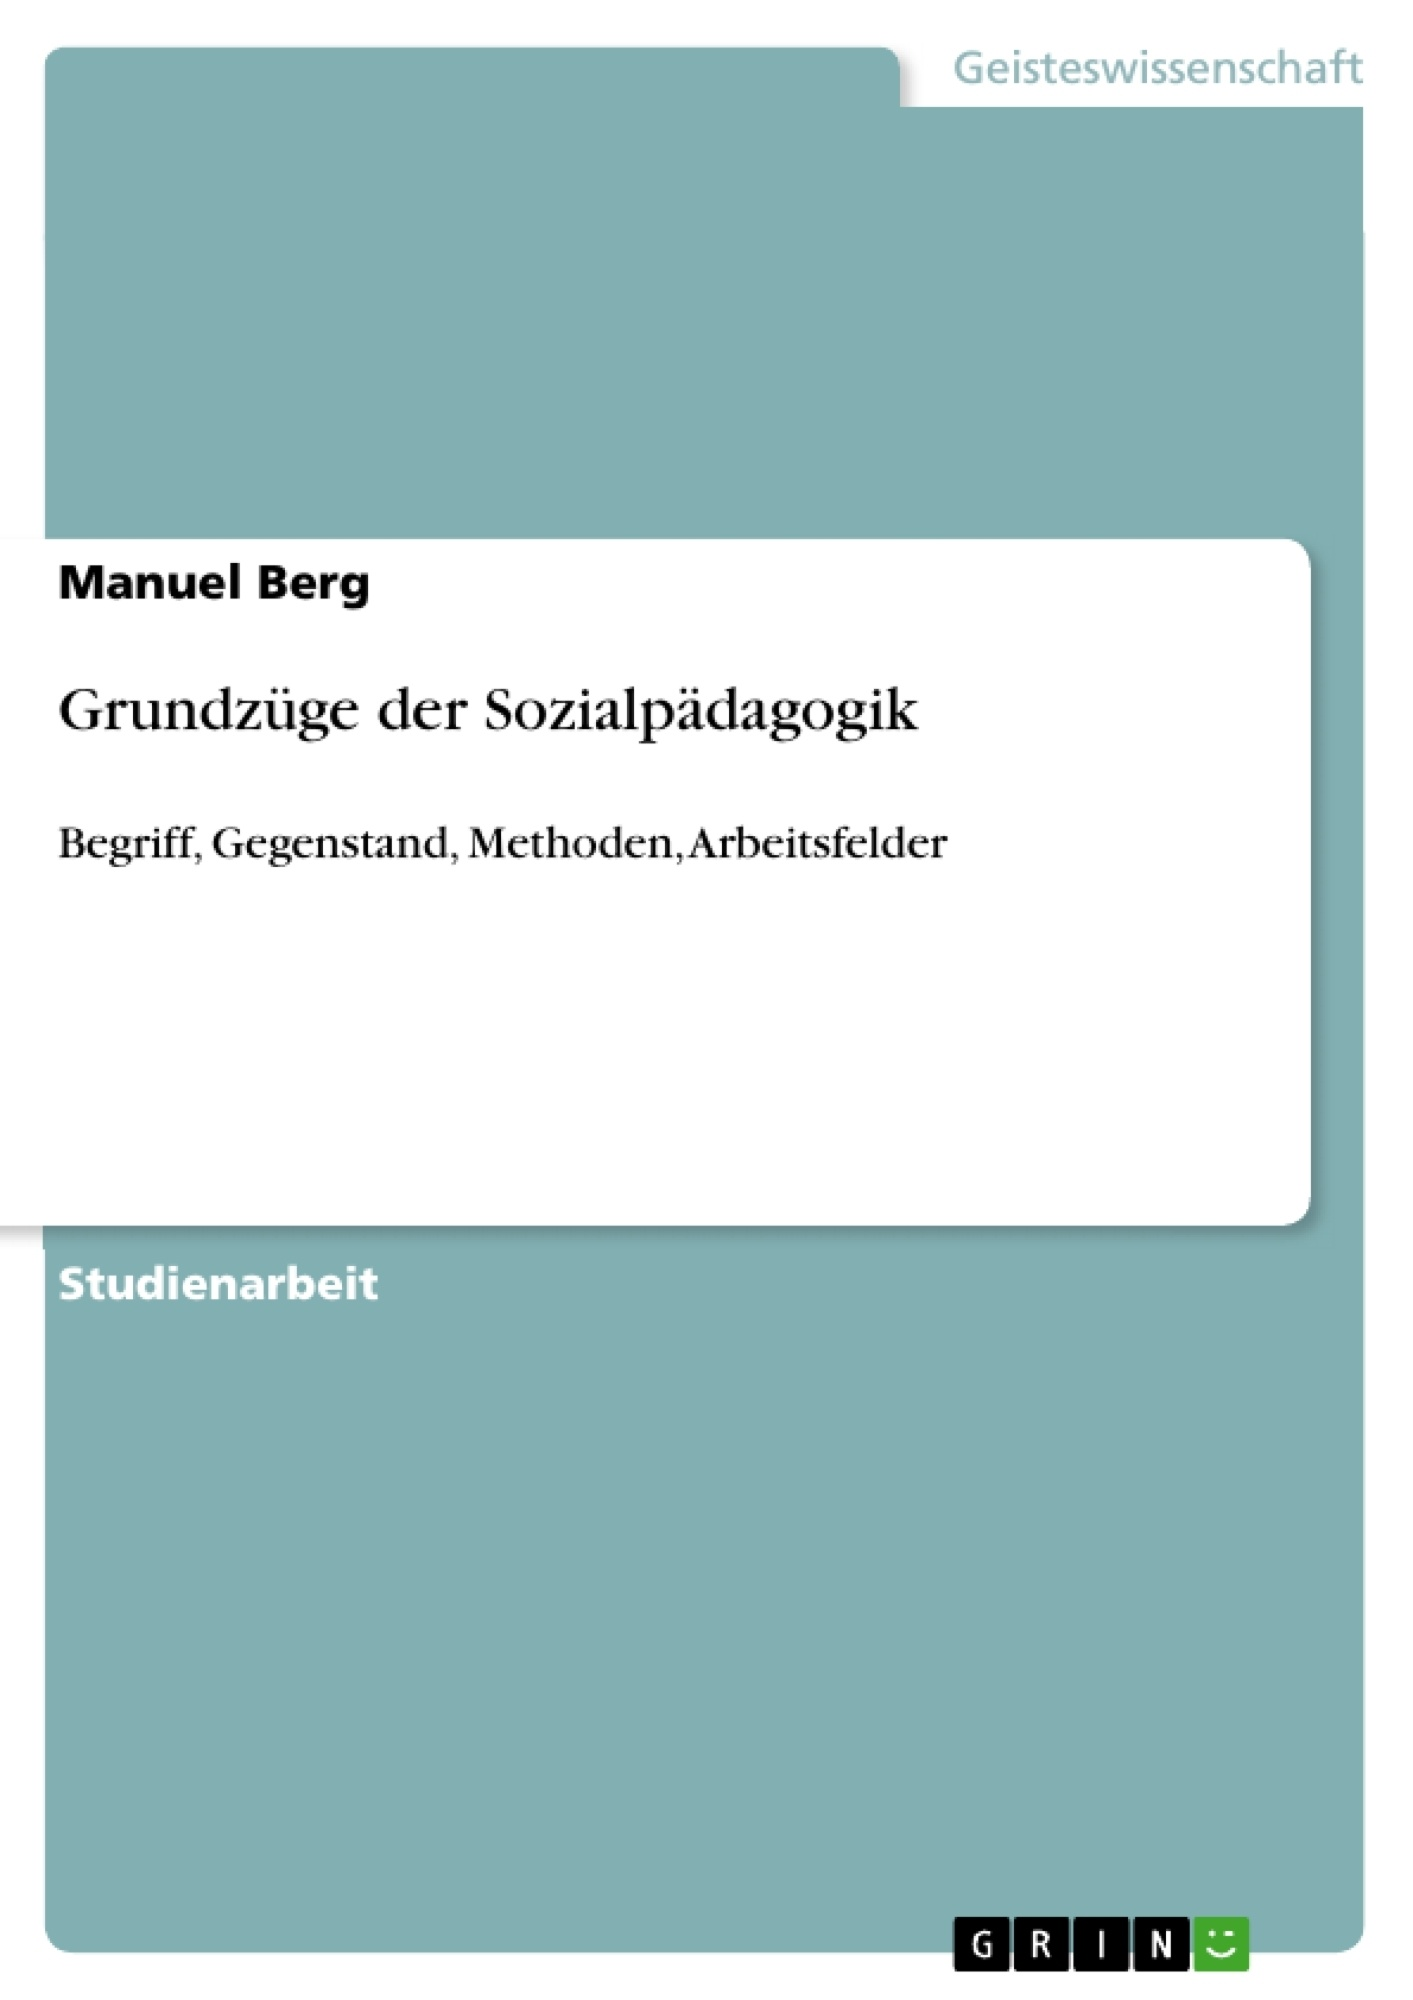 Titel: Grundzüge der Sozialpädagogik